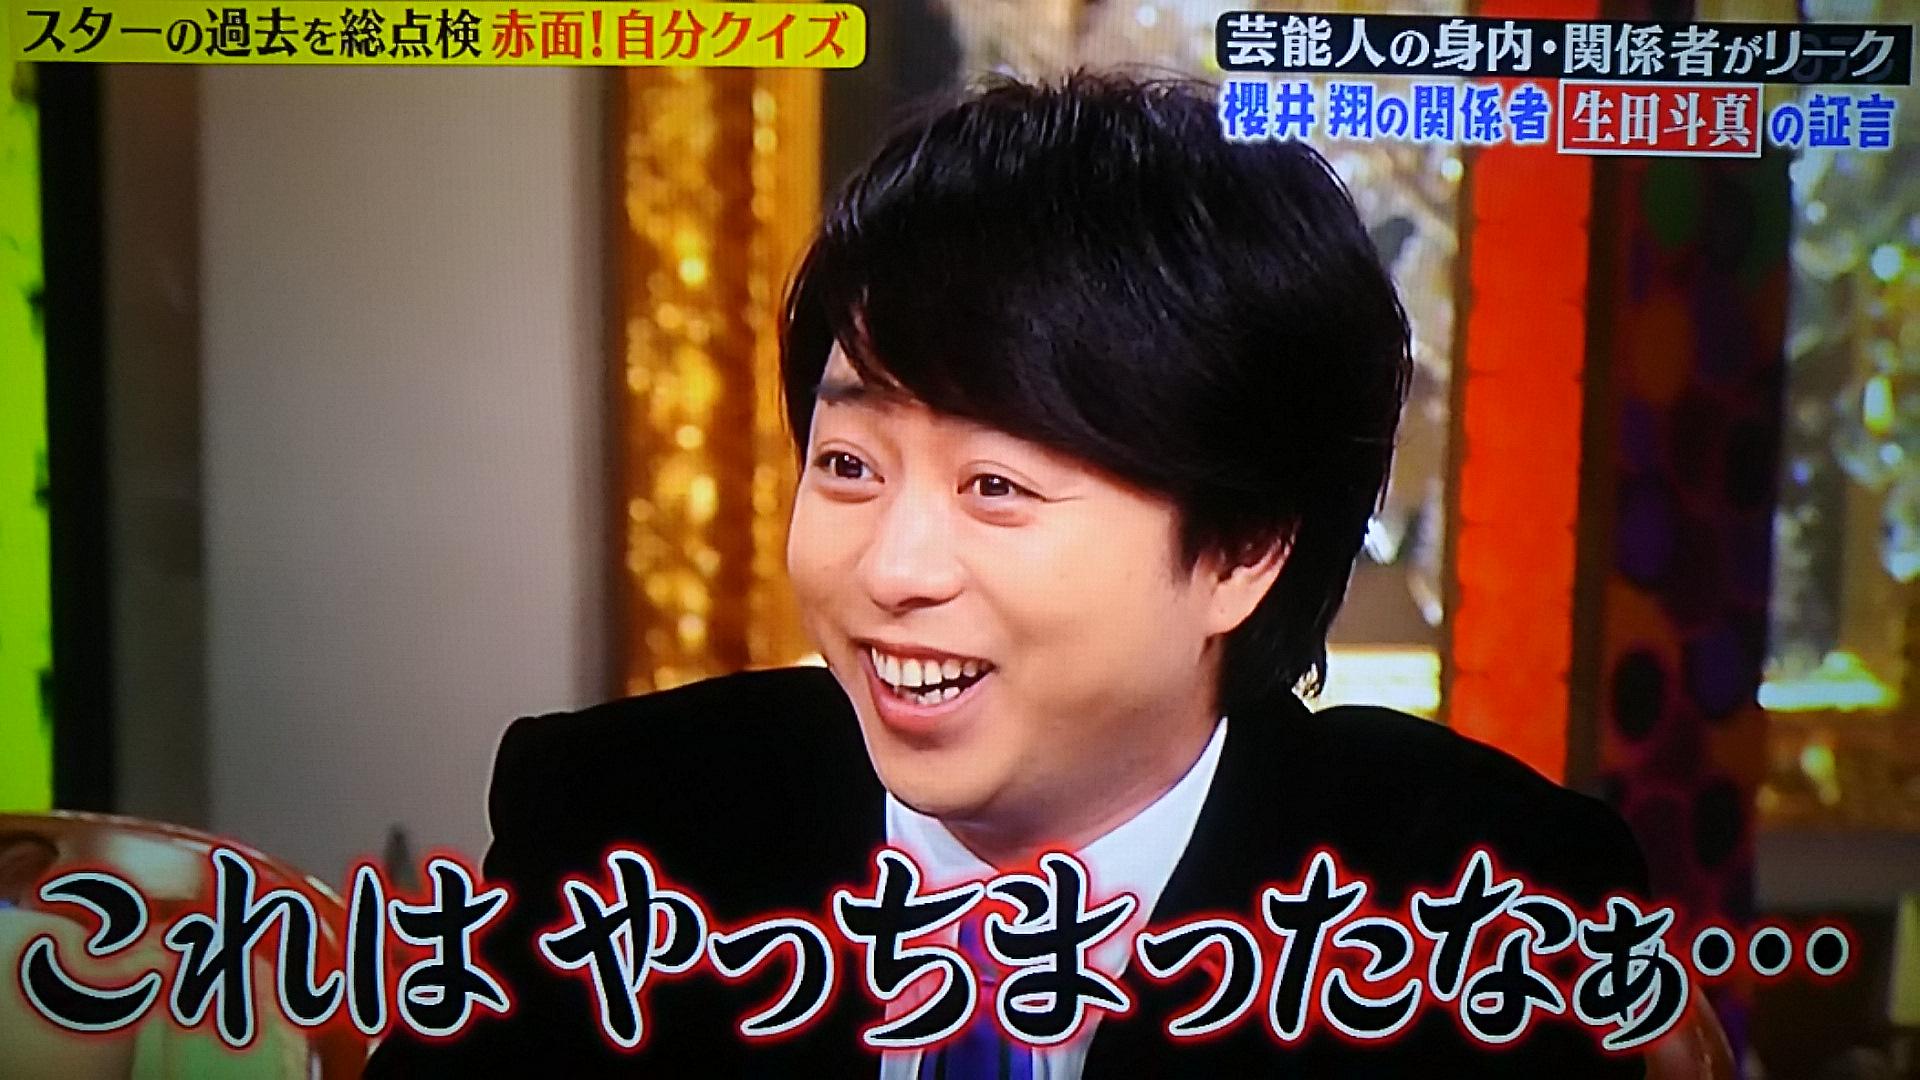 ニノさんsp 櫻井翔が生田斗真の前で絶叫した内容は 理由に驚愕 詳細